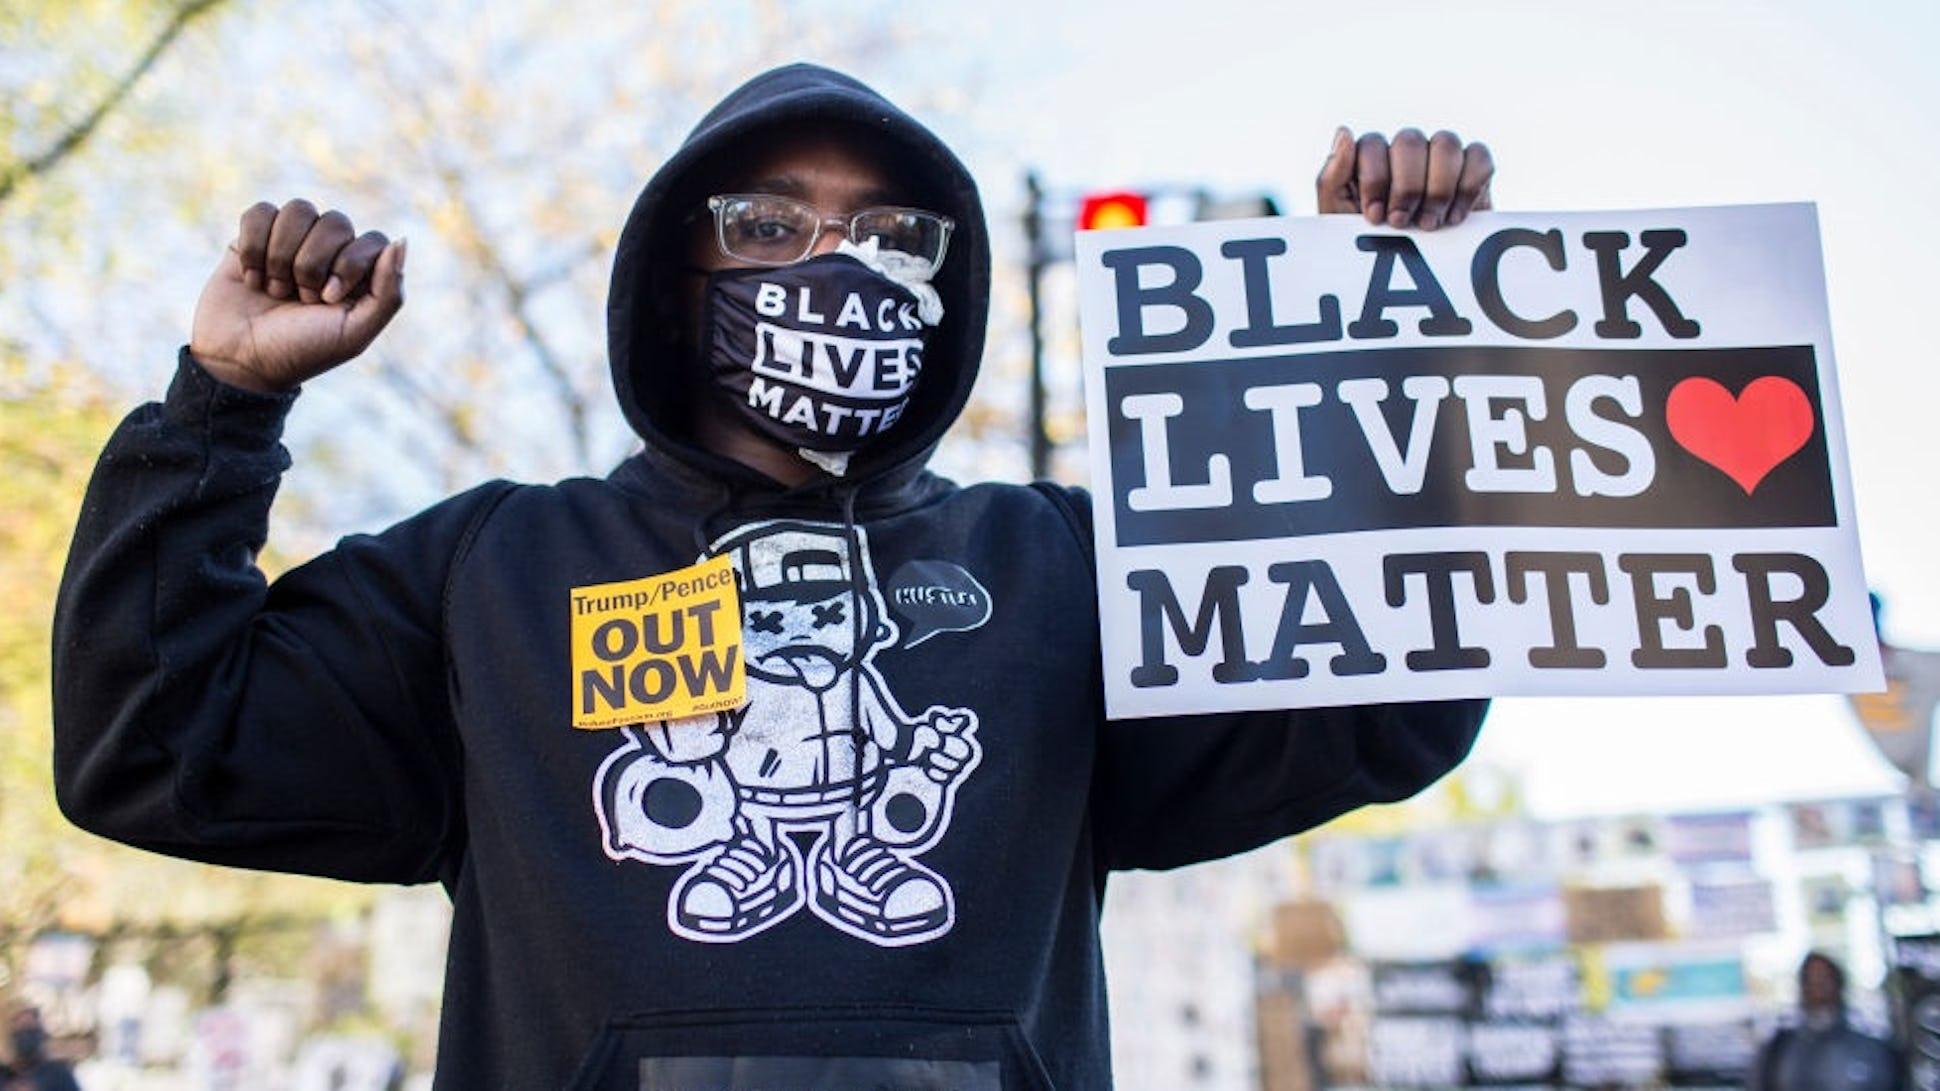 BLM bị loại khỏi cuộc họp của Joe Biden với nhóm dân quyền Black-Lives-Matter.jpg?auto=format&fit=crop&ar=16%3A9&ixlib=react-9.0